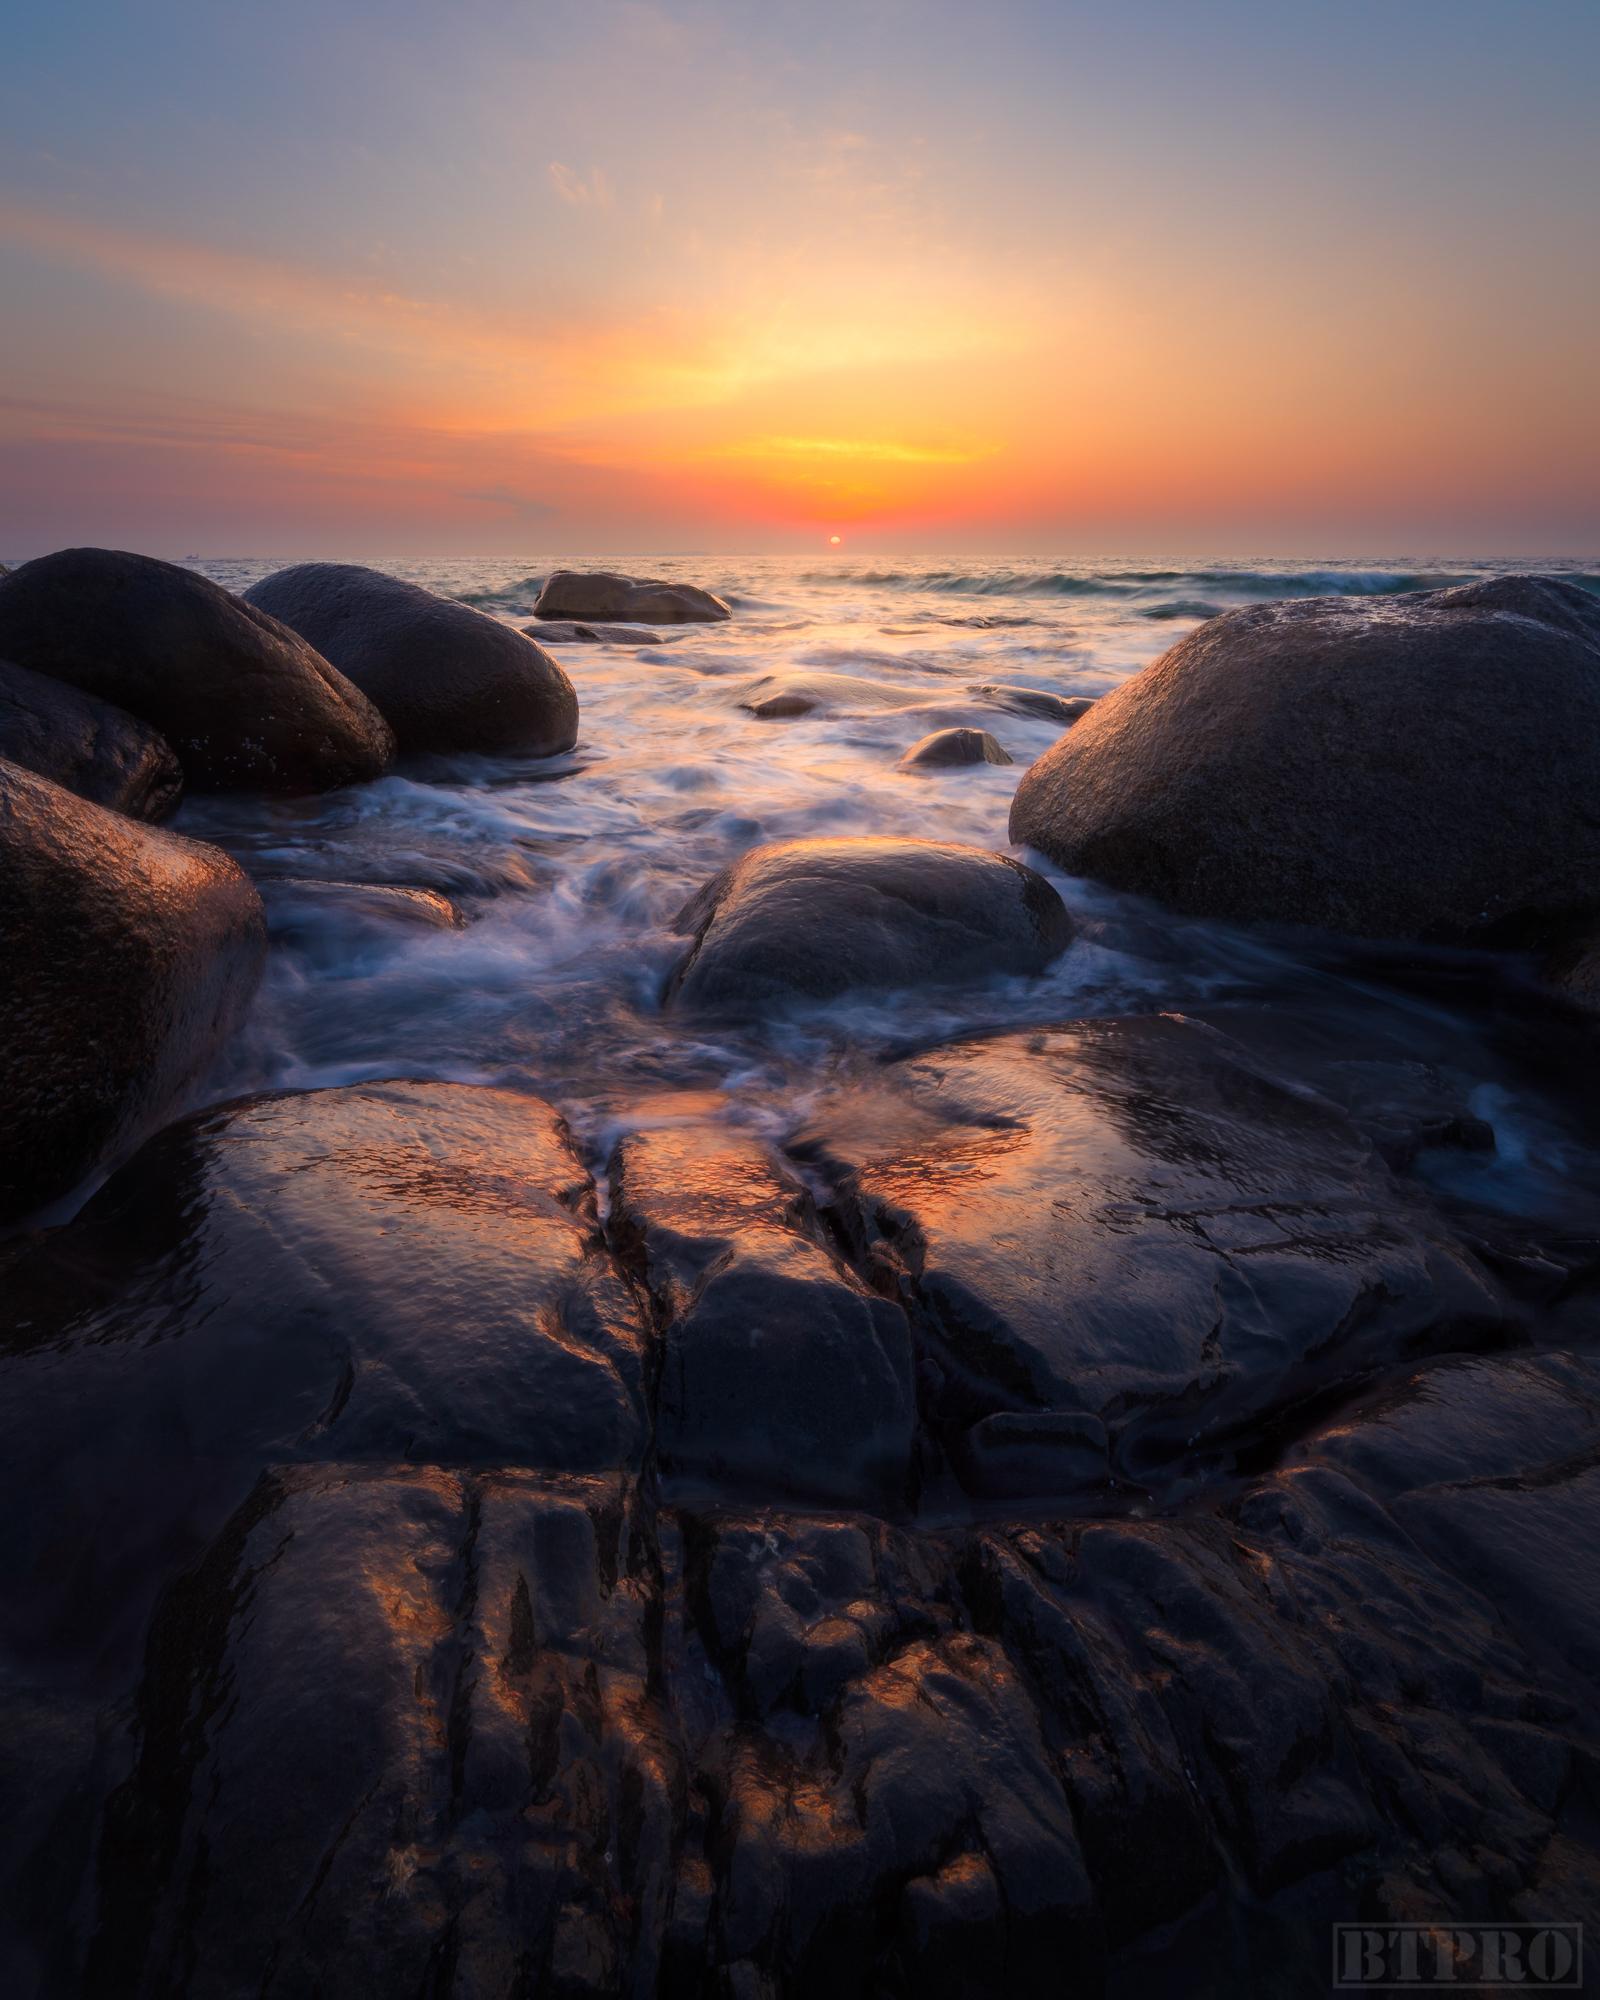 Sunset at Uttakleiv Beach